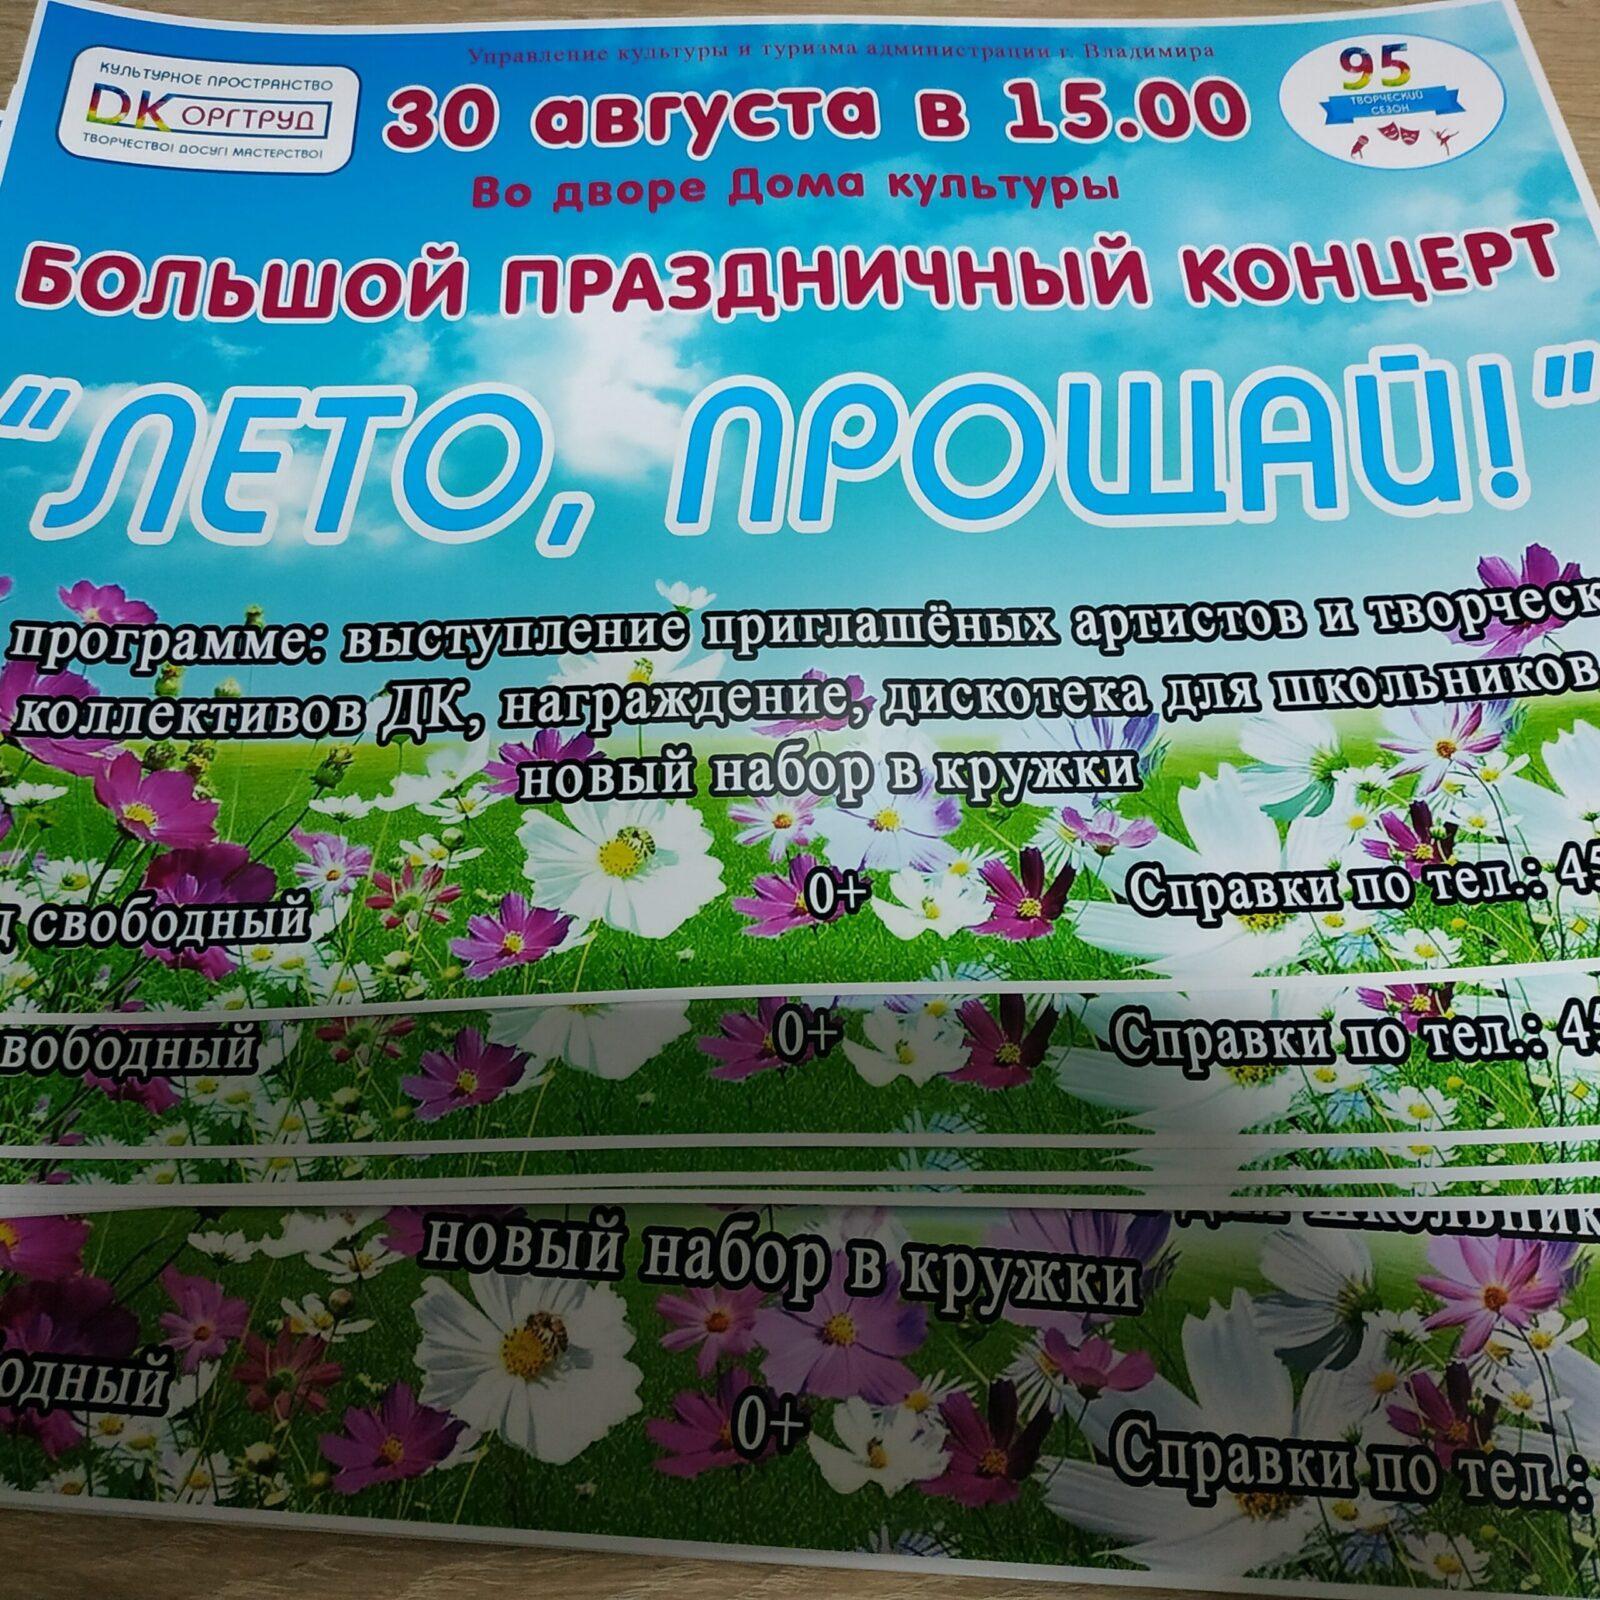 Печать афиш во Владимире